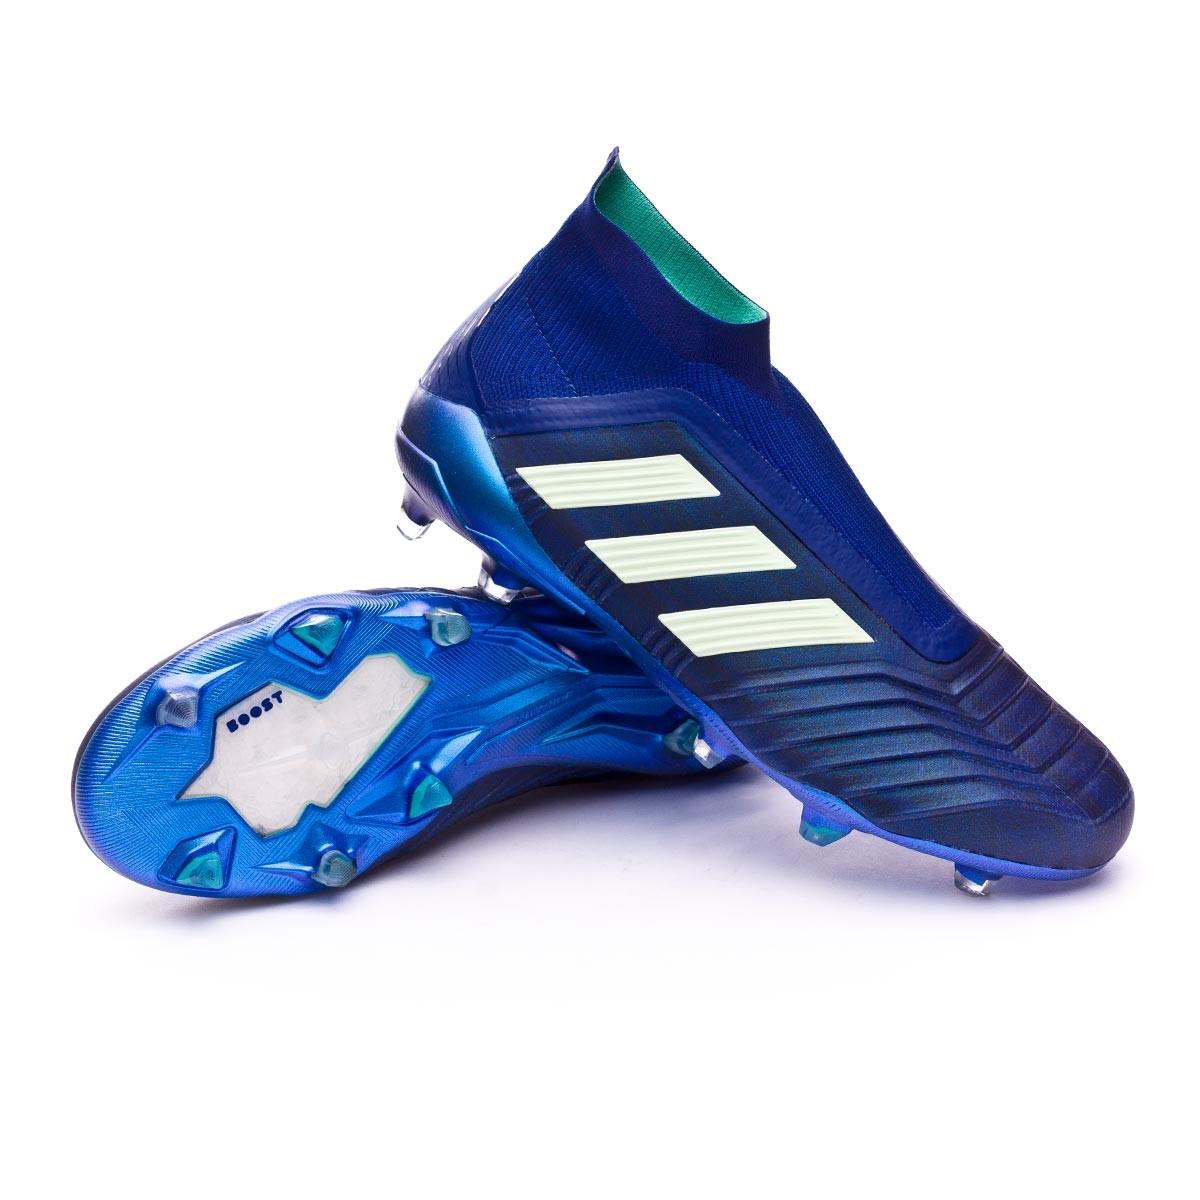 Boot adidas Predator 18+ FG Unity ink-Aero green-Hi-res green ... 0eb2ed0b84384